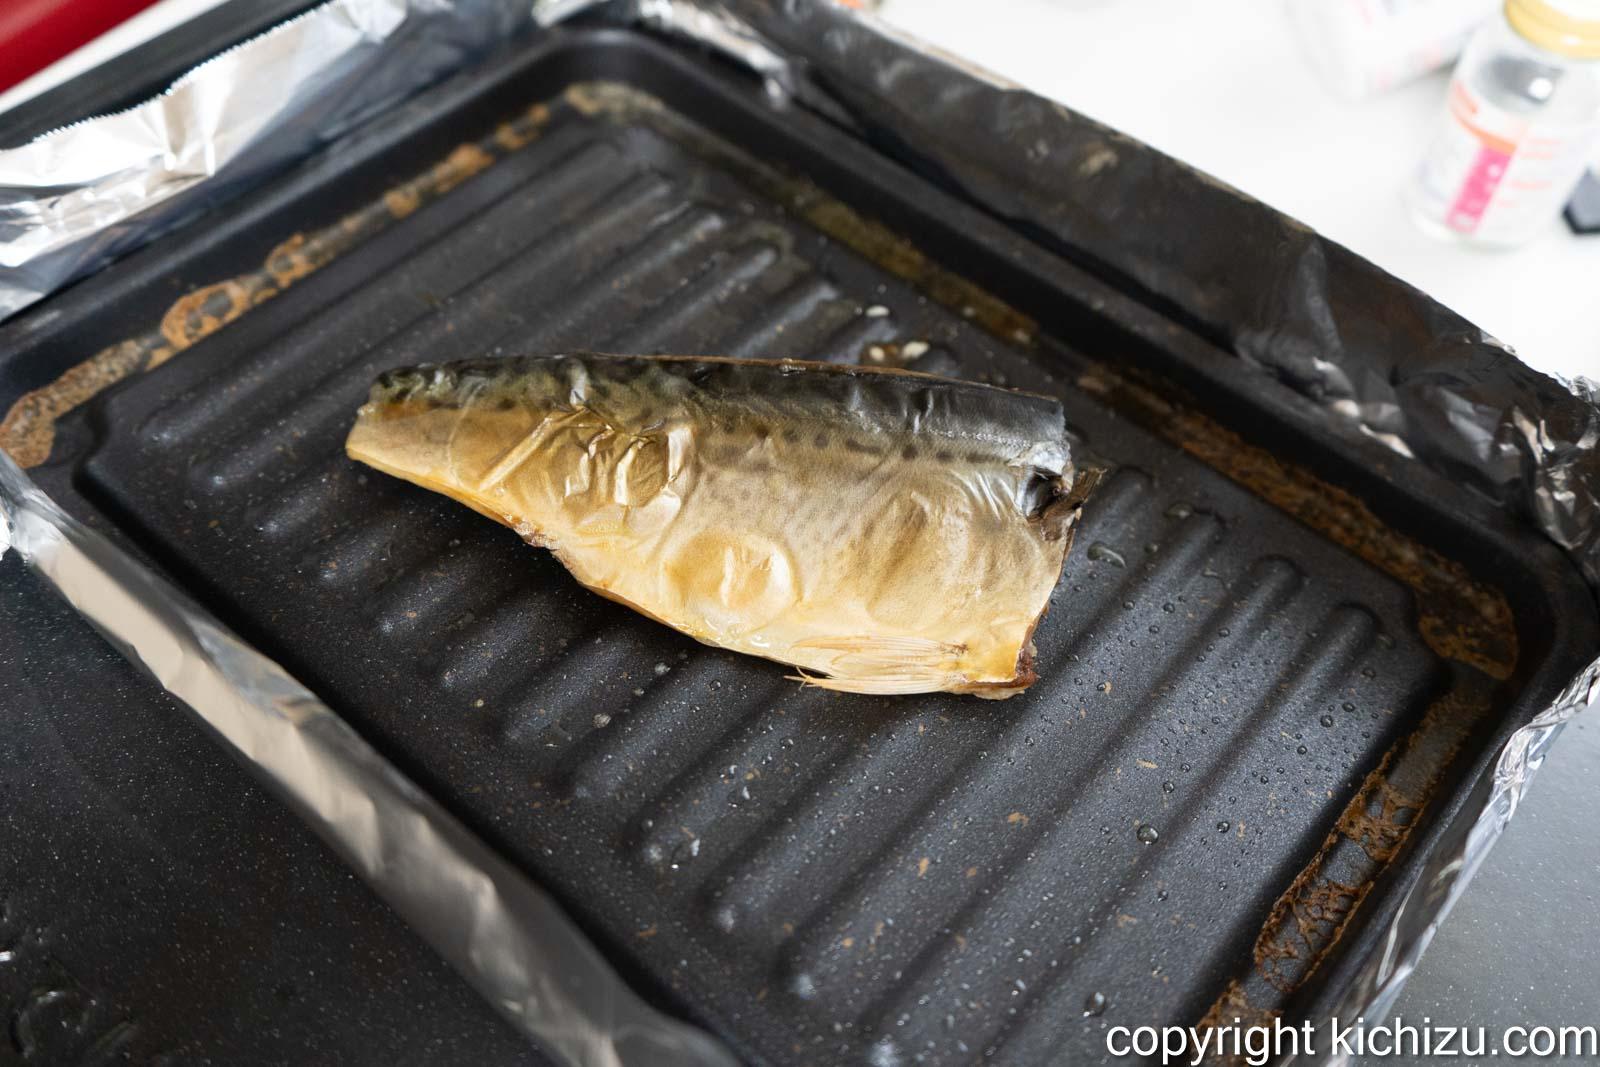 焼魚トレー マーブルで鯖を焼いた様子